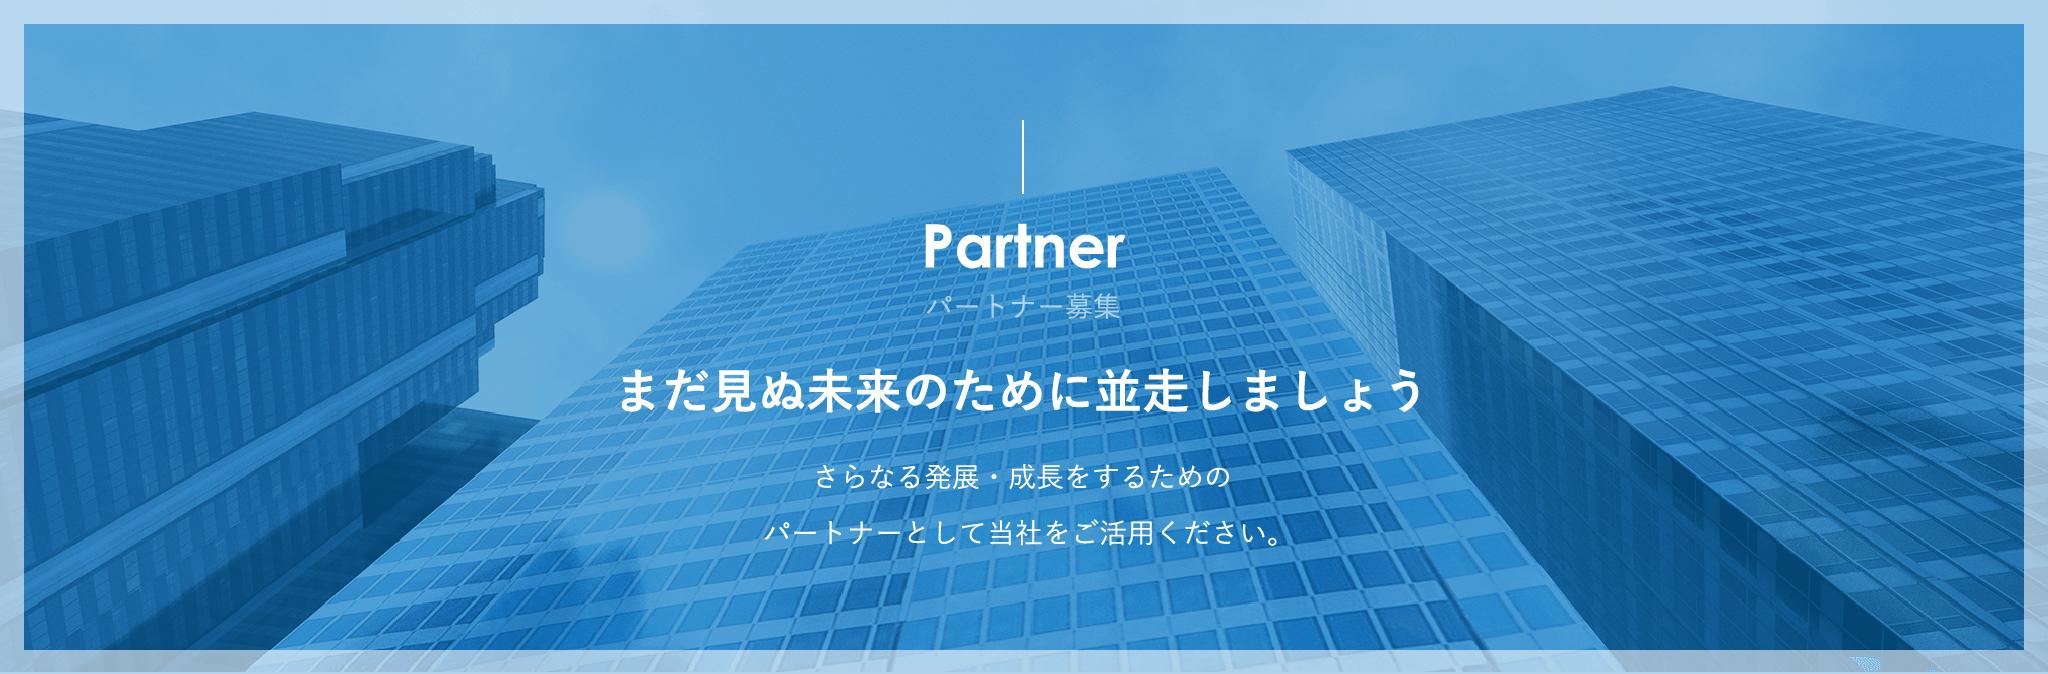 パートナー募集。まだ見ぬ未来のために並走しましょう。さらなる発展・成長をするためのパートナーとして当社をご活用ください。